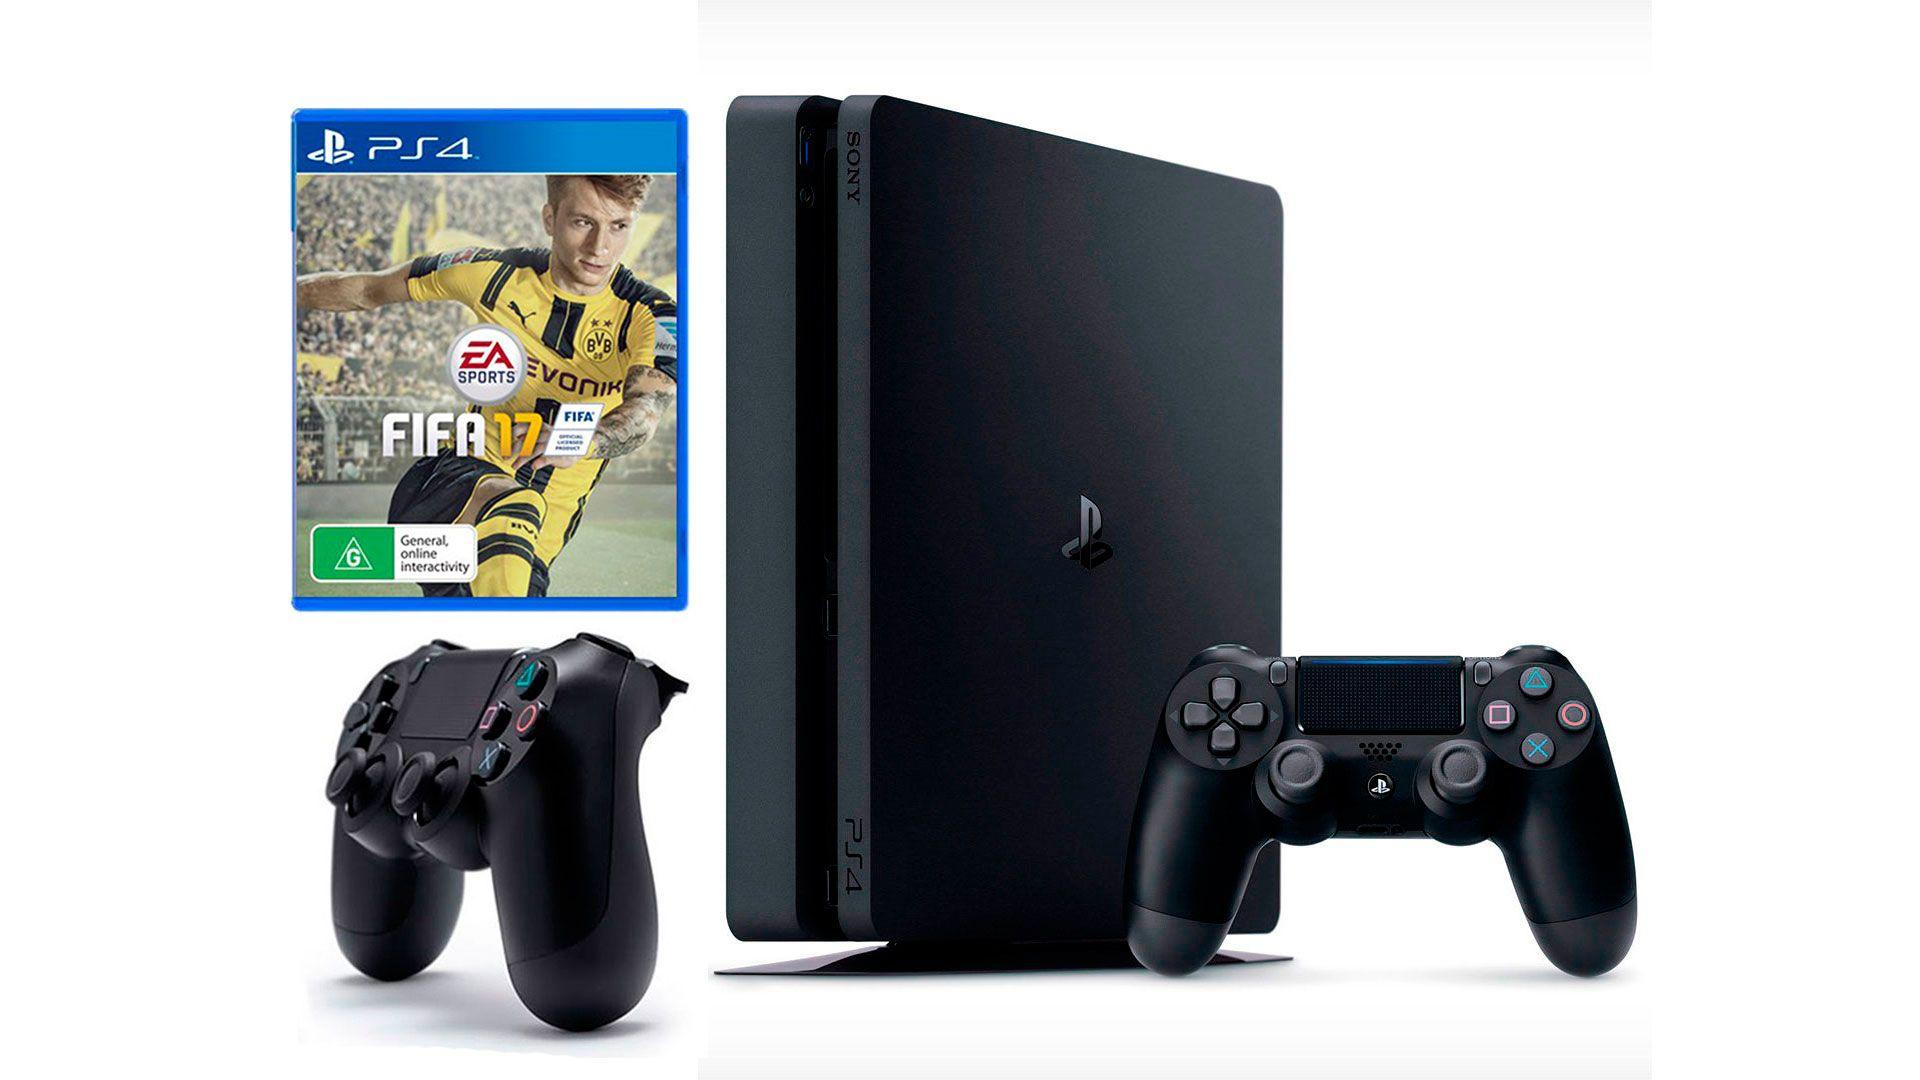 PlayStation 4 Slim 1Tb 2 джойстика, приставка и игра FIFA 17 [PS4S1J2F17]